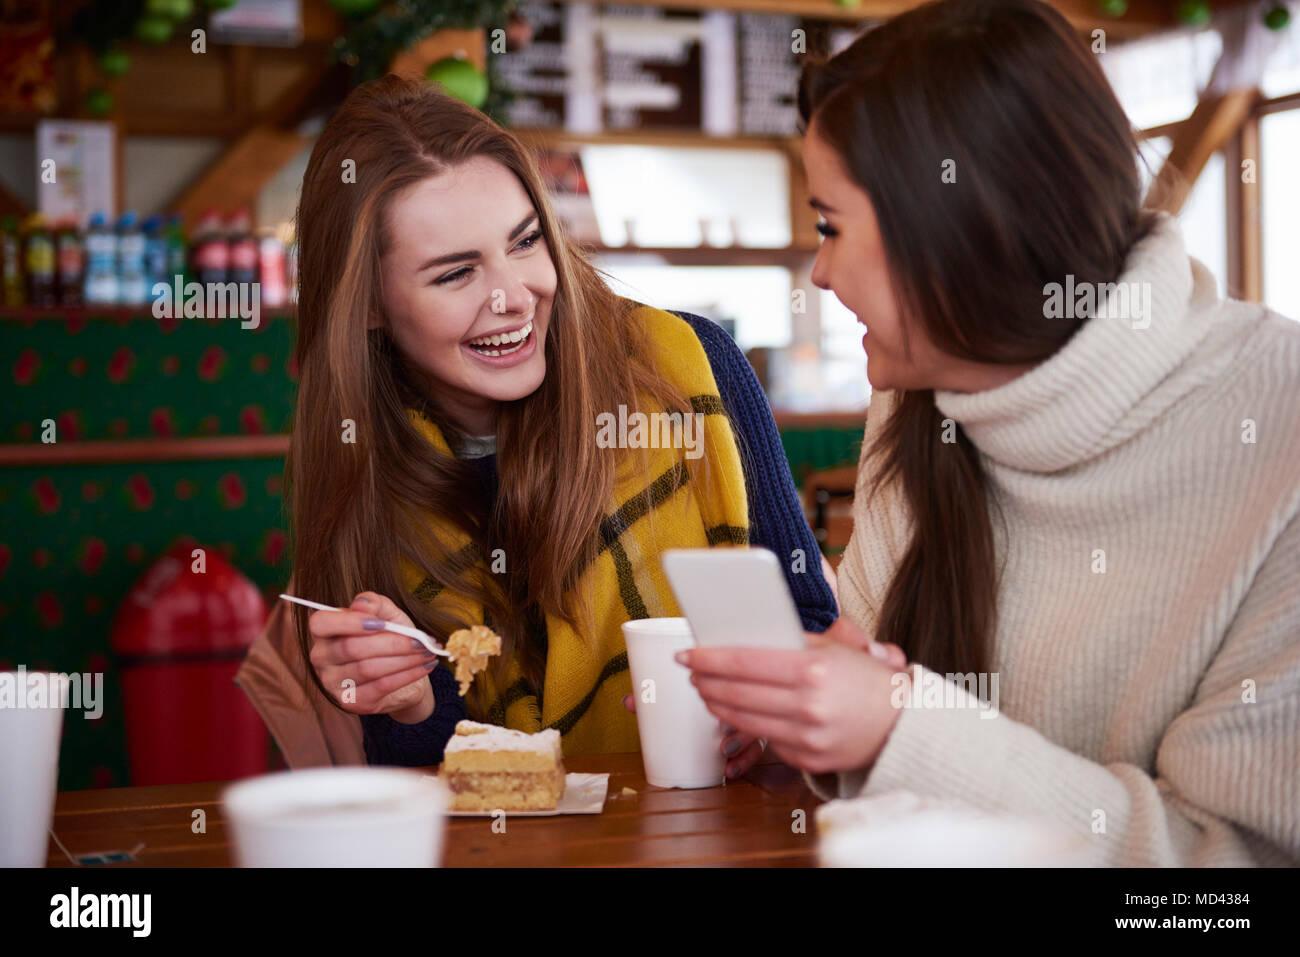 Las mujeres jóvenes sonriendo a través de mensaje de texto por teléfono móvil Imagen De Stock